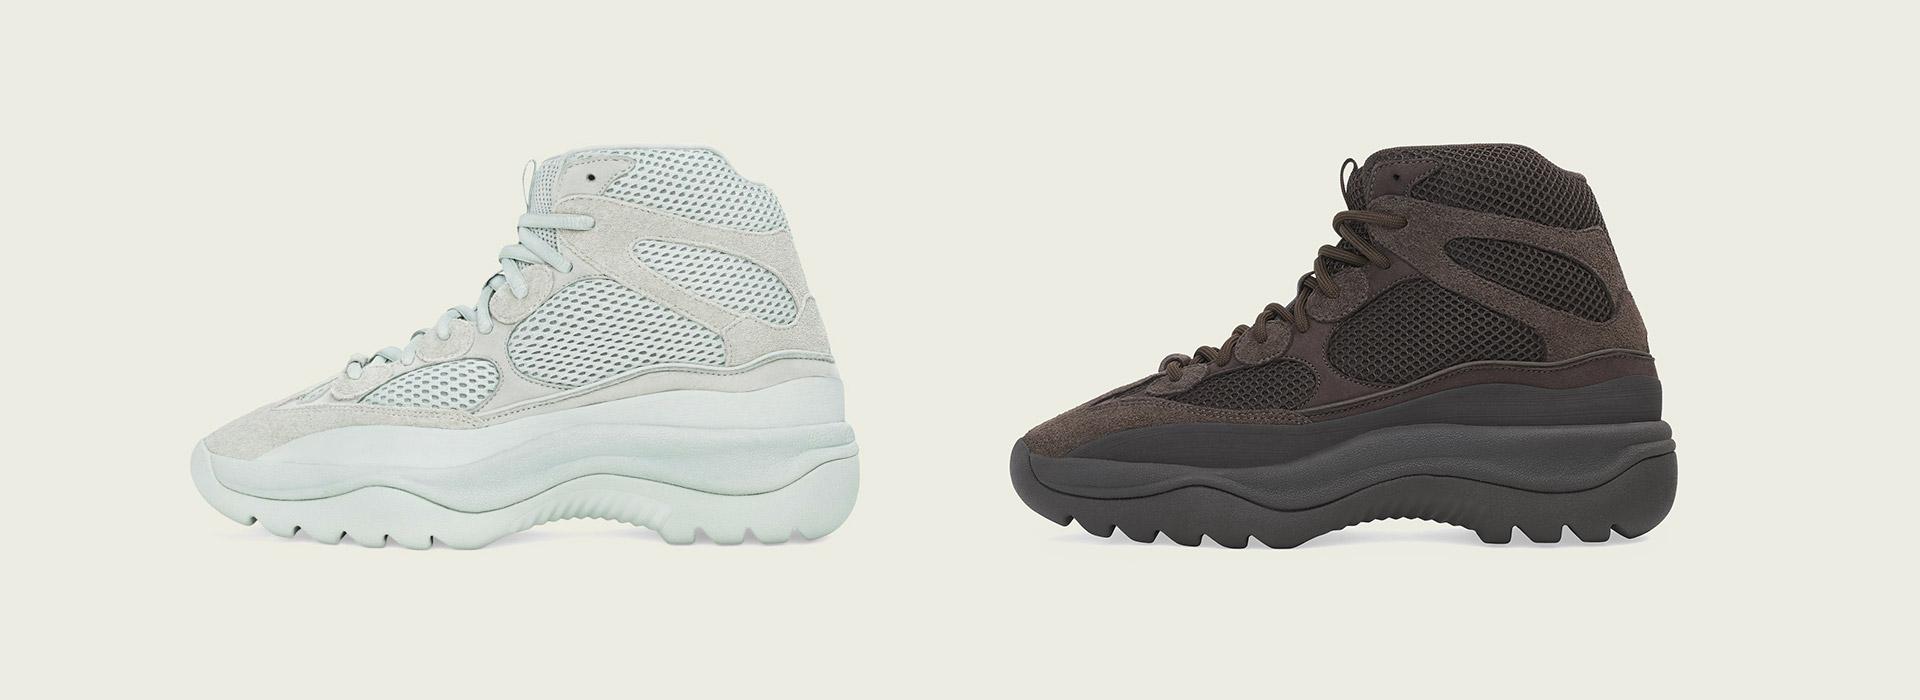 quality design 2a47a 998bc Shopping online abbigliamento scarpe sneaker borse uomo ...